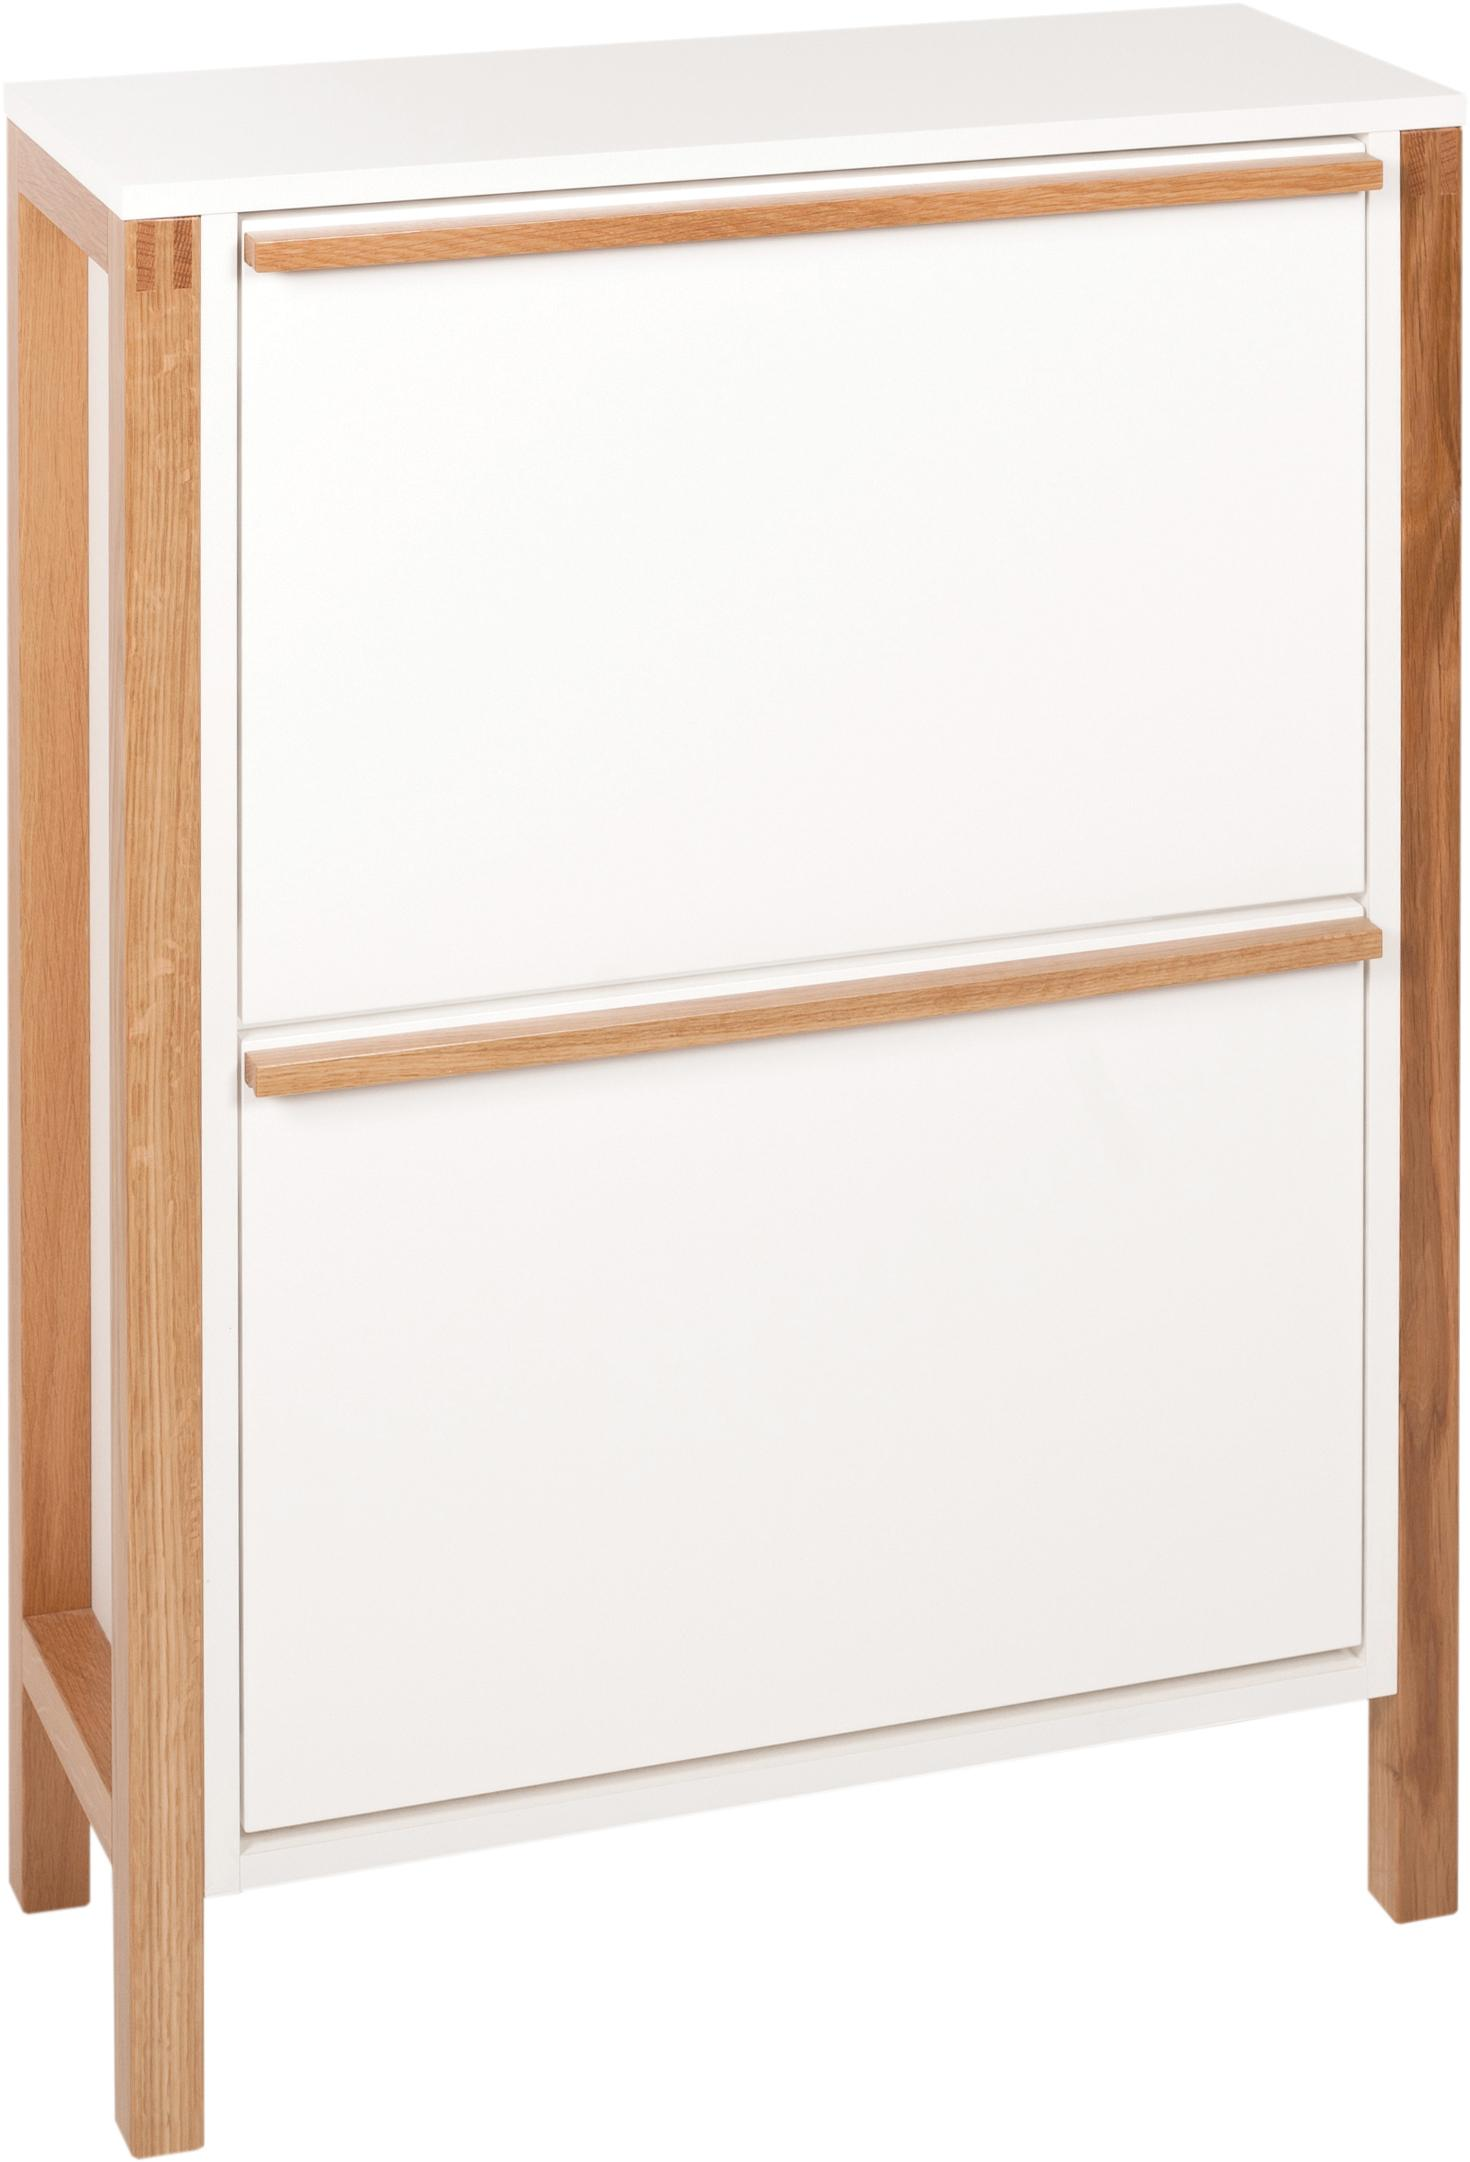 Szafka na buty z 2 przedziałami Northgate, Korpus: płyta pilśniowa średniej , Biały, drewno dębowe, S 65 x W 93 cm